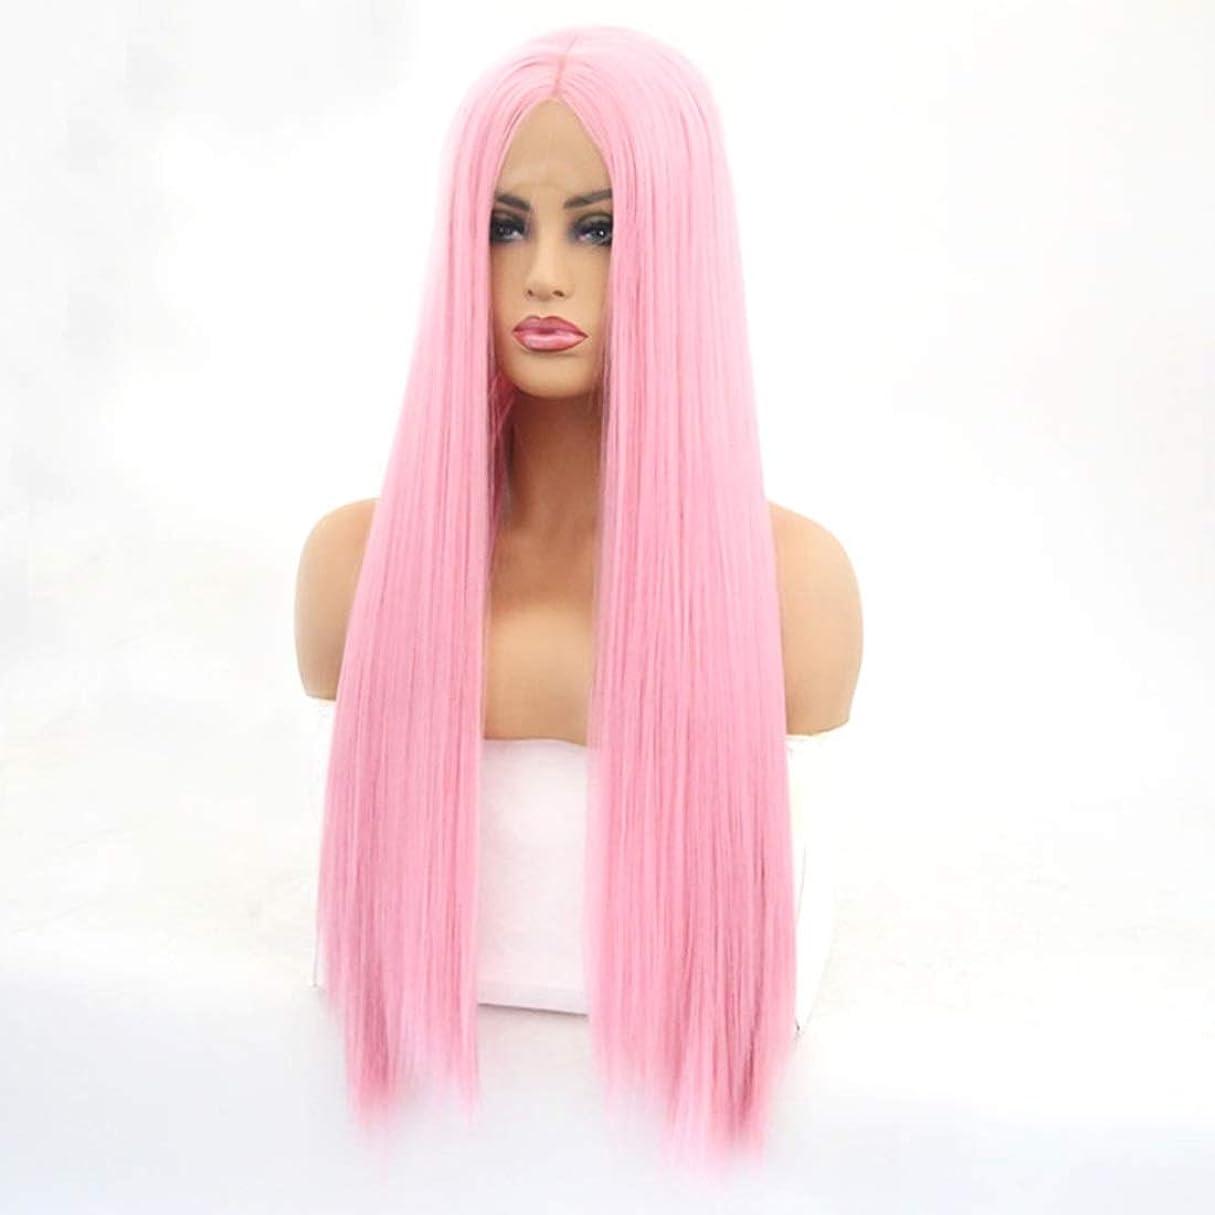 第二に洋服失うSummerys 女性のための長いストレートの波状のかつらかつらかつら合成繊維髪かつら自然に見えるかつら